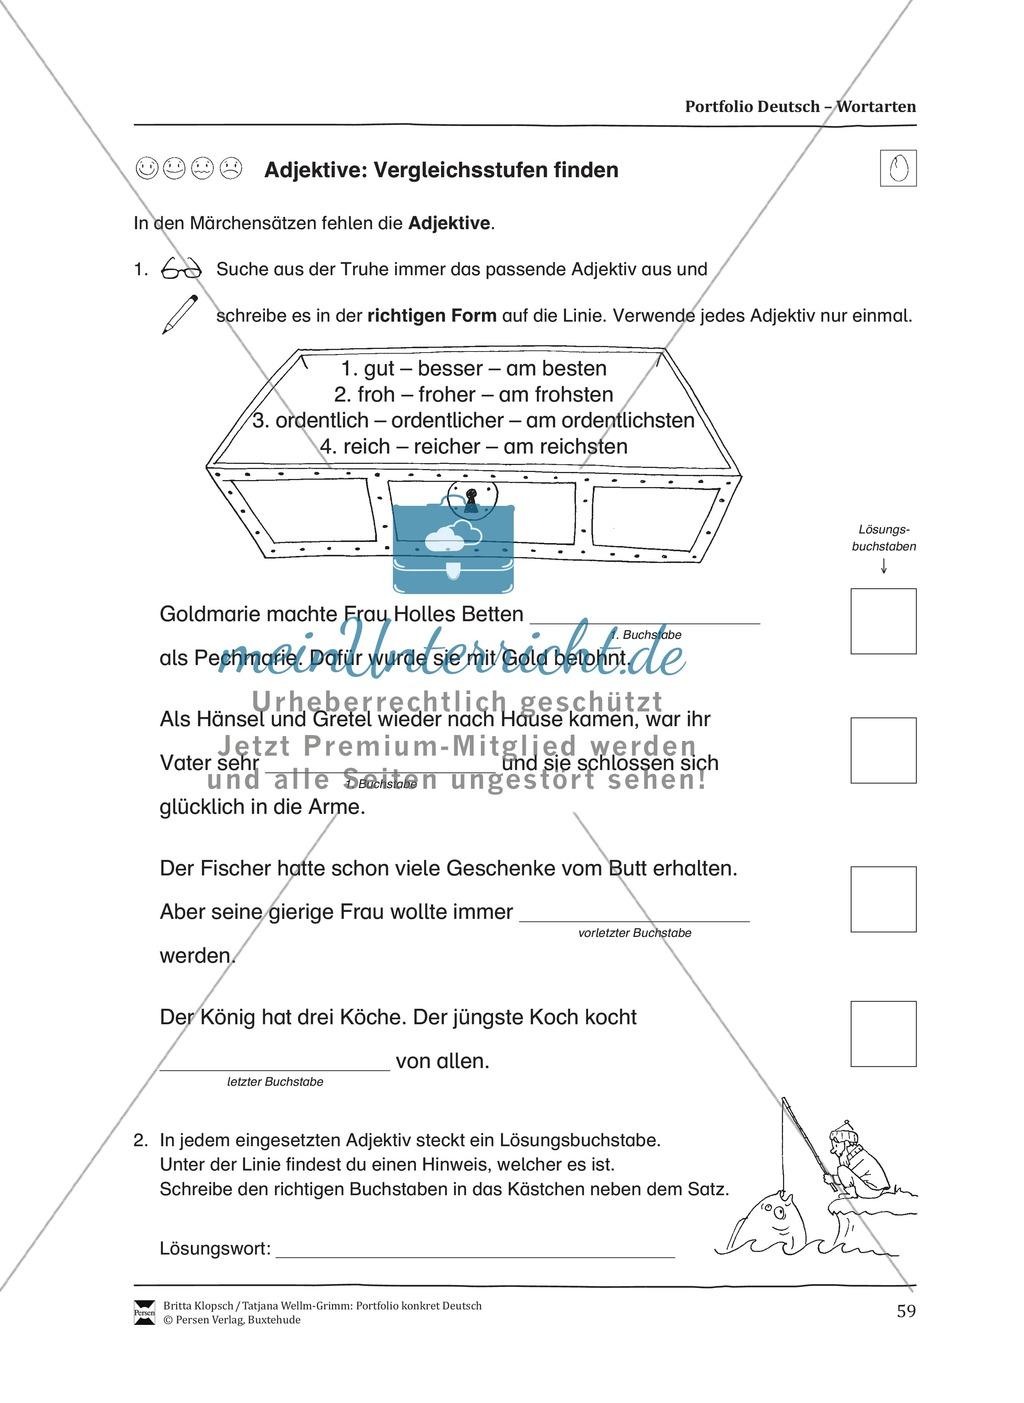 Kopiervorlagen für den Themenbereich Wortarten Preview 16